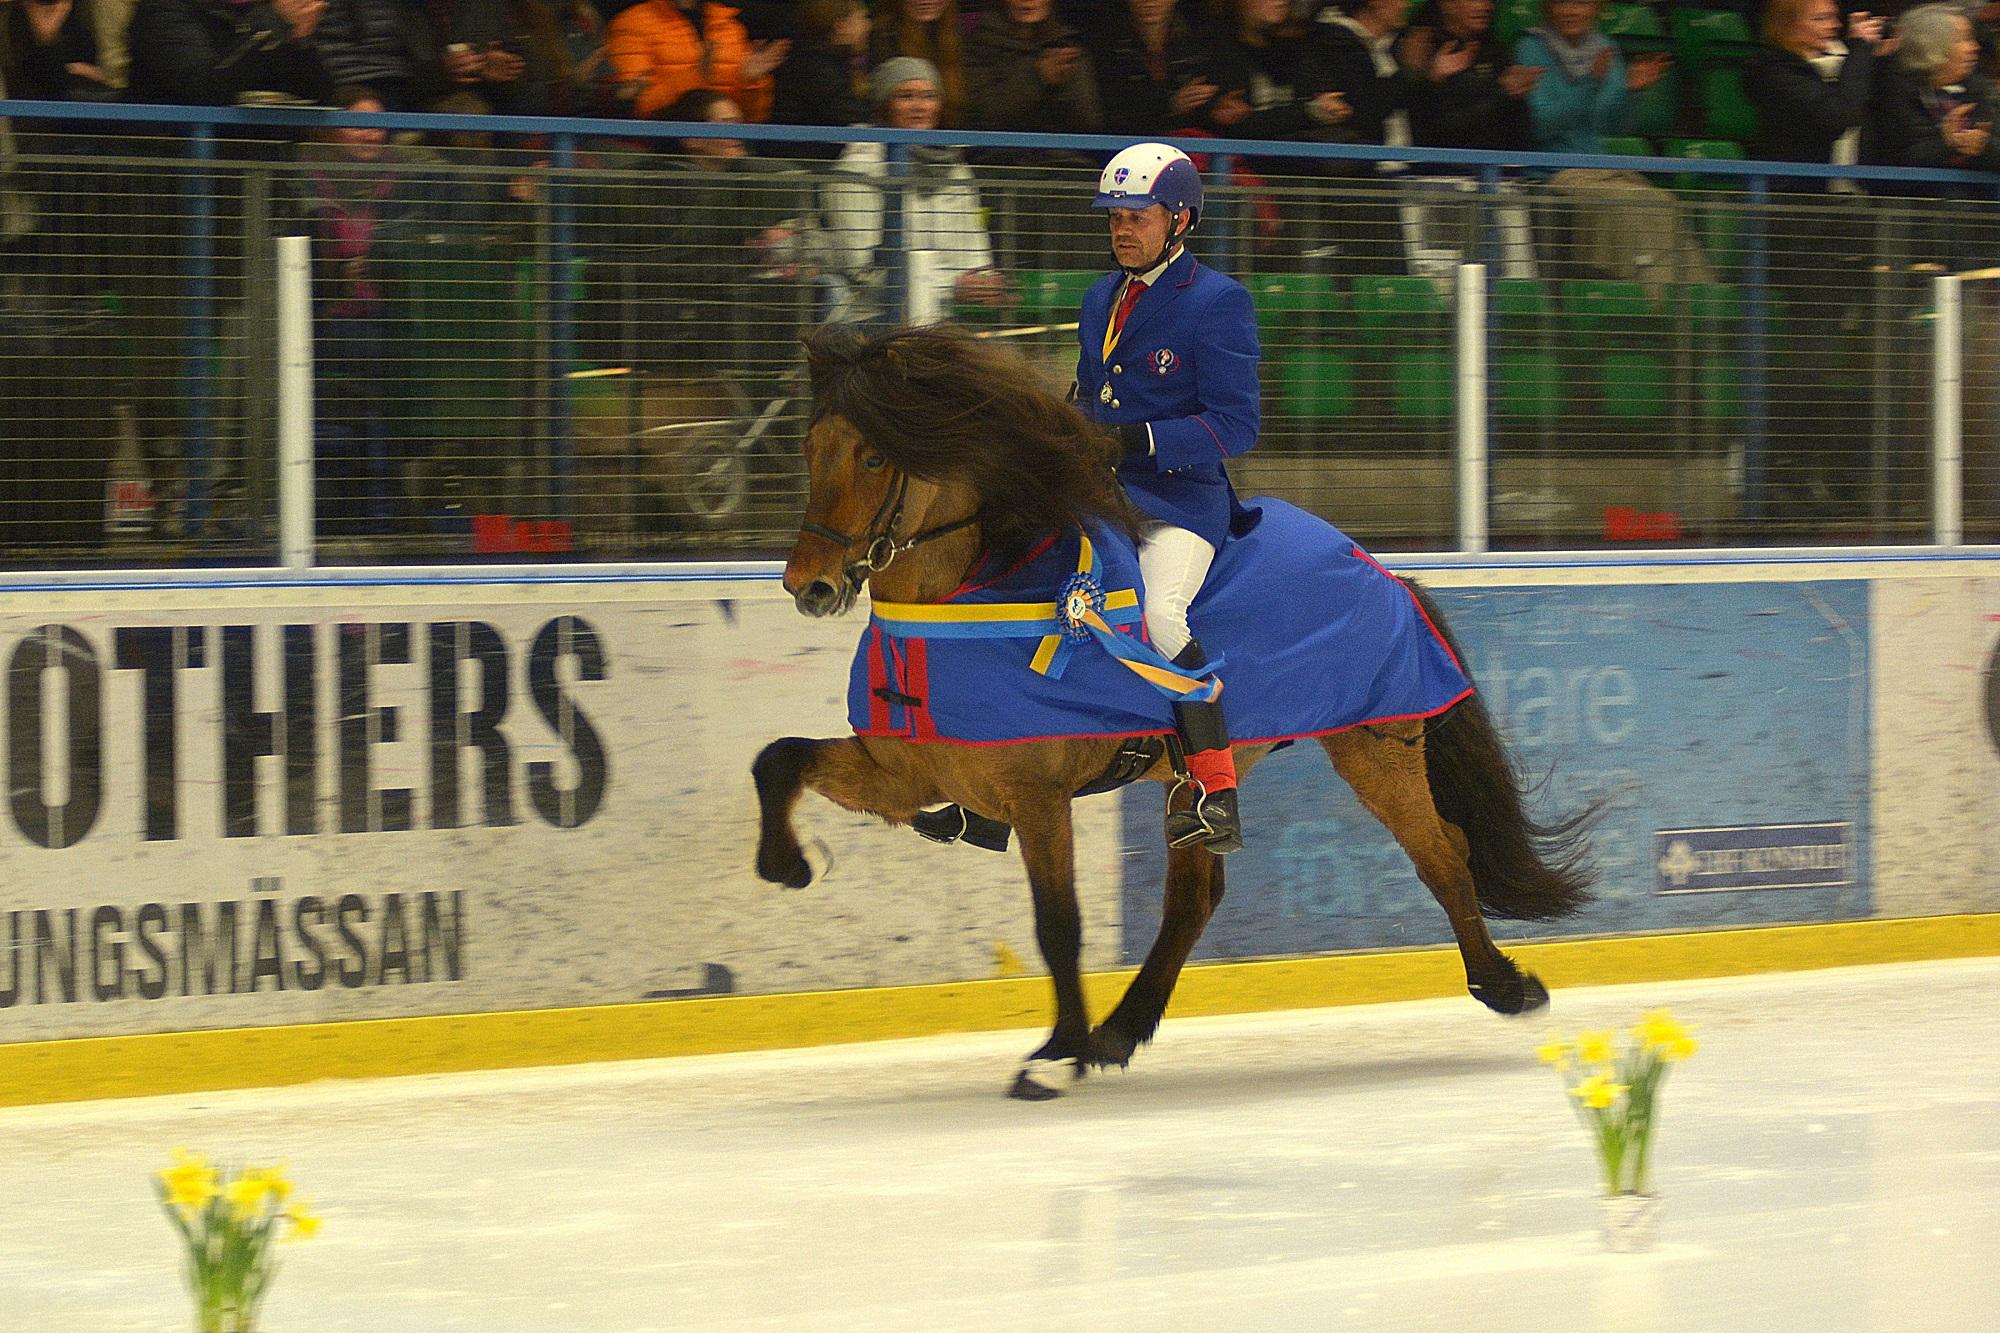 Jóhann R Skúlason segrade i 2015 års Tölt on Ice på sin fantastiska häst Hnokki frá Fellskoti (foto: Treell Photo)